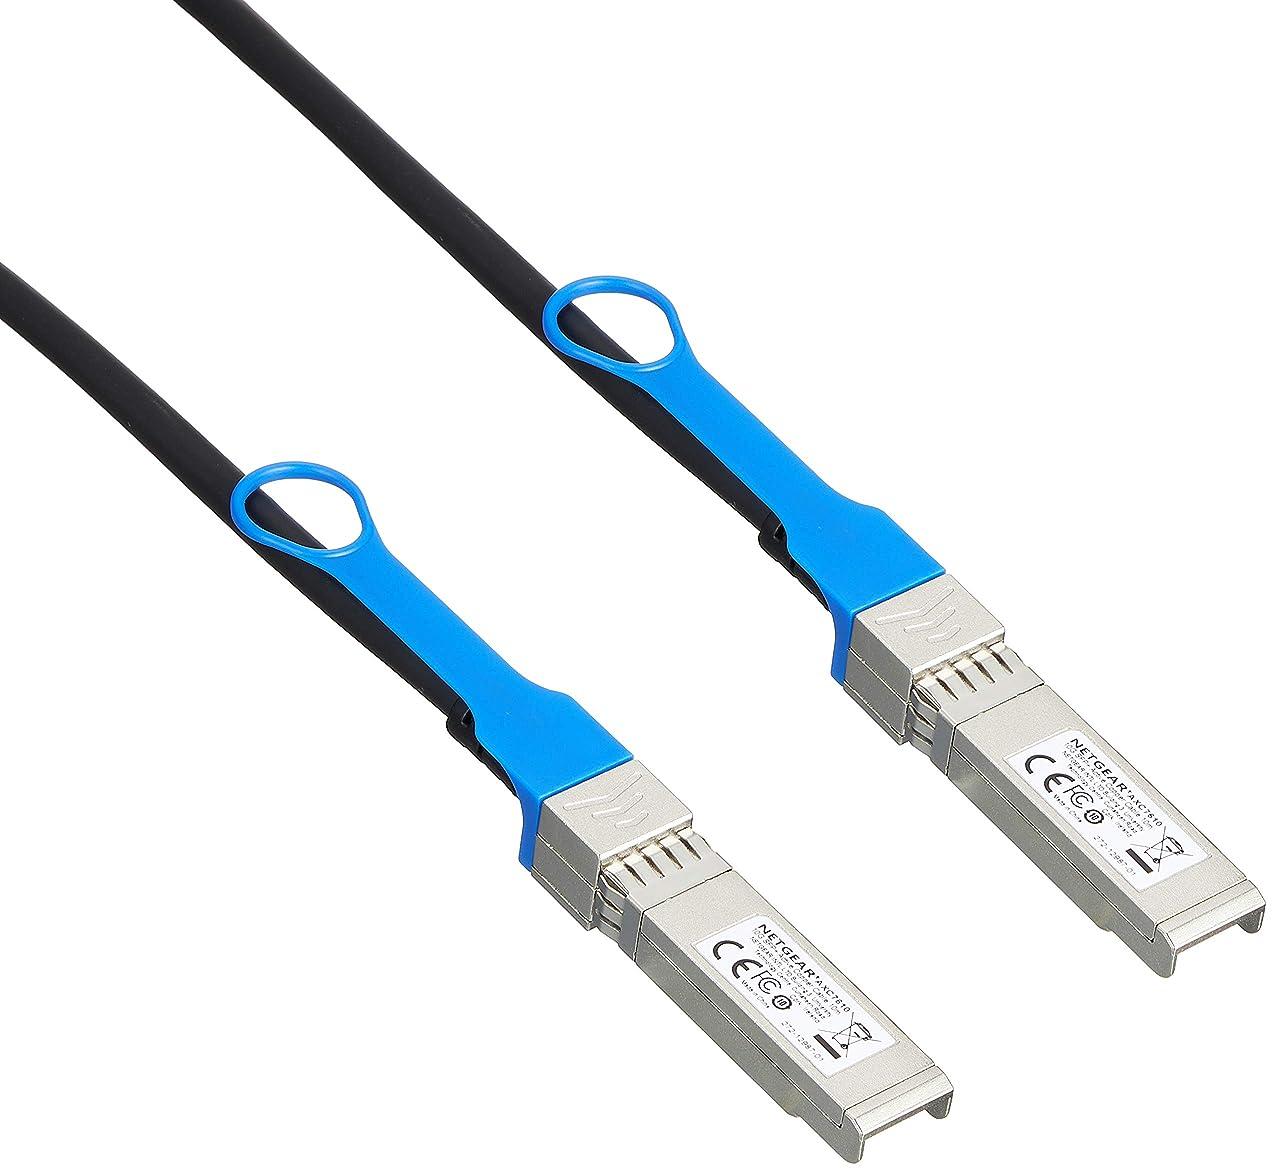 予測する行政バレエNETGEAR SFP+ ダイレクトアタッチケーブル 10m 5年保証 AXC7610-10000S